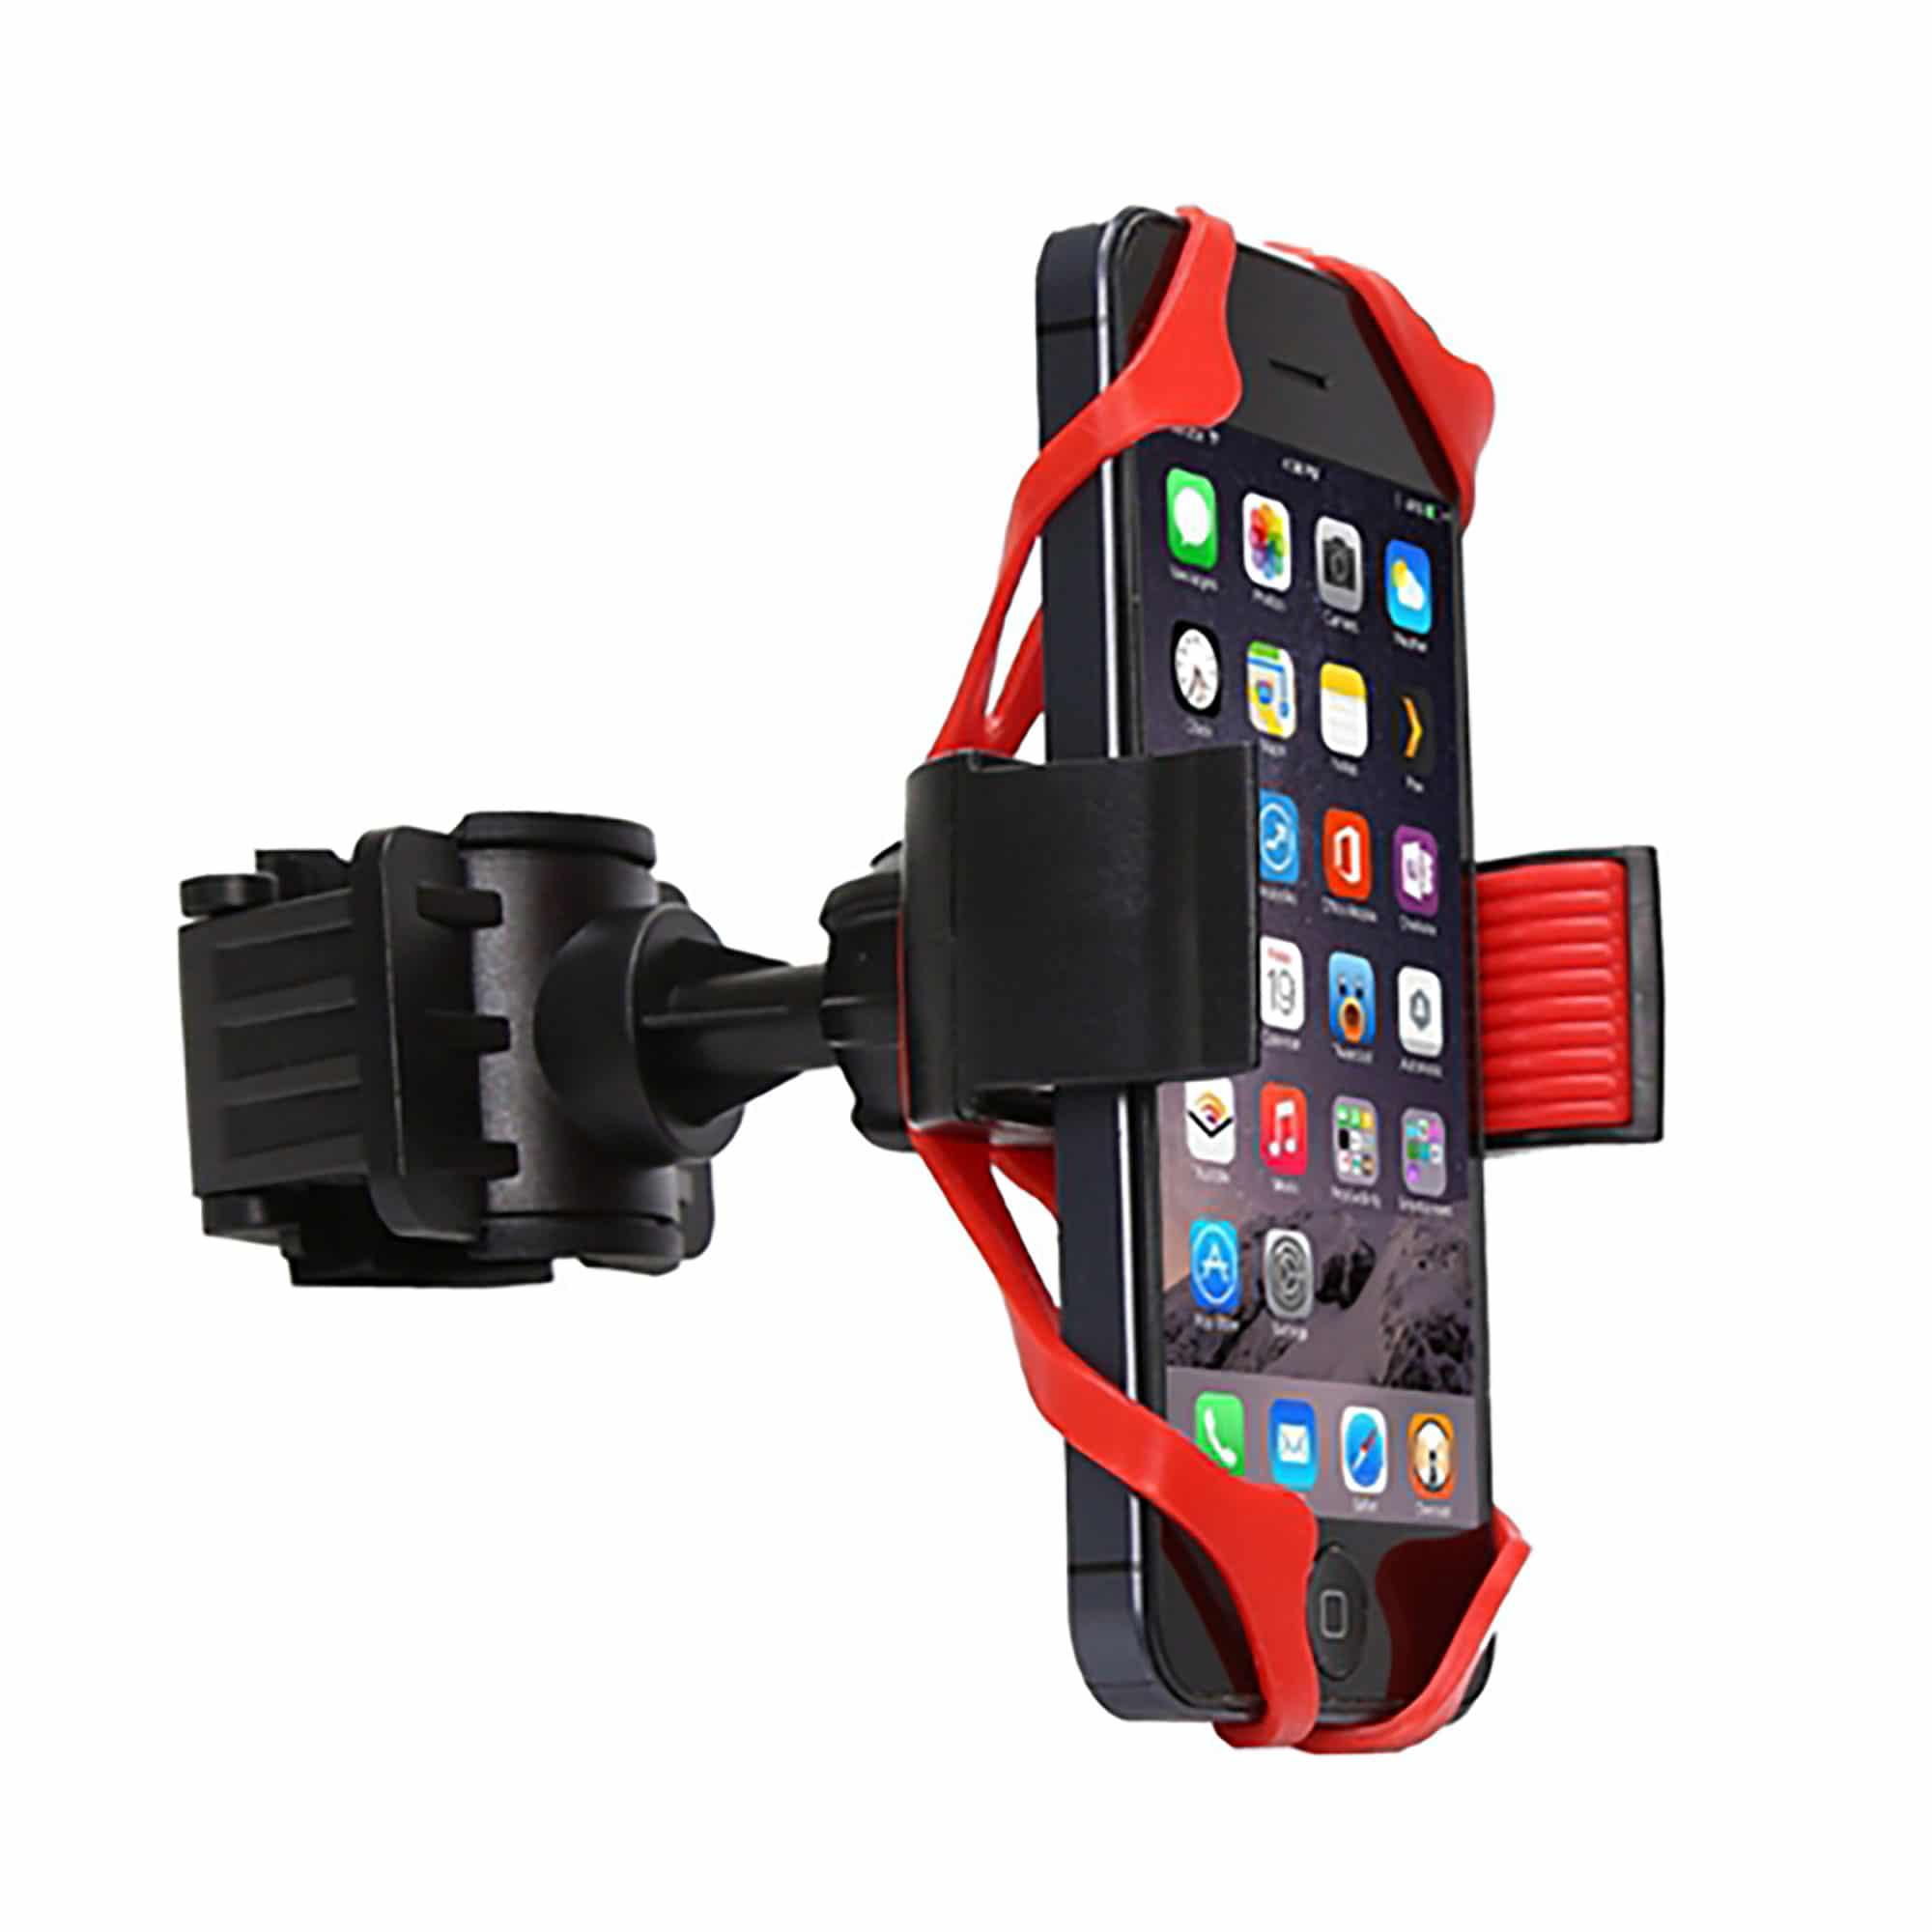 Plastic mobile holder - Zwheel